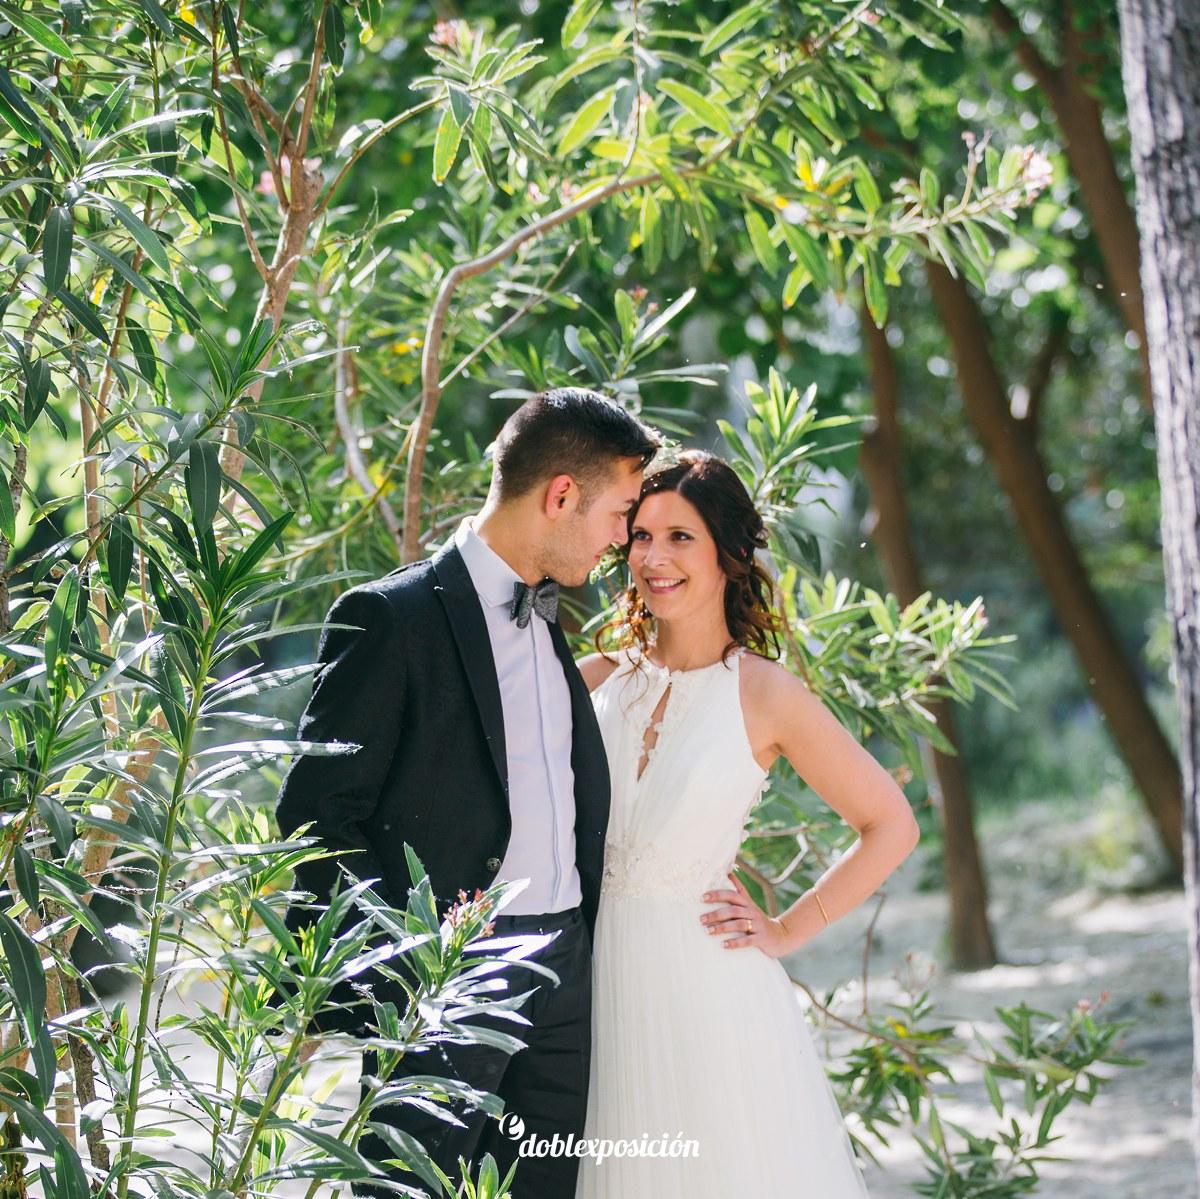 fotografos-boda-postboda-pouclar-finca-elche-alicante_0007